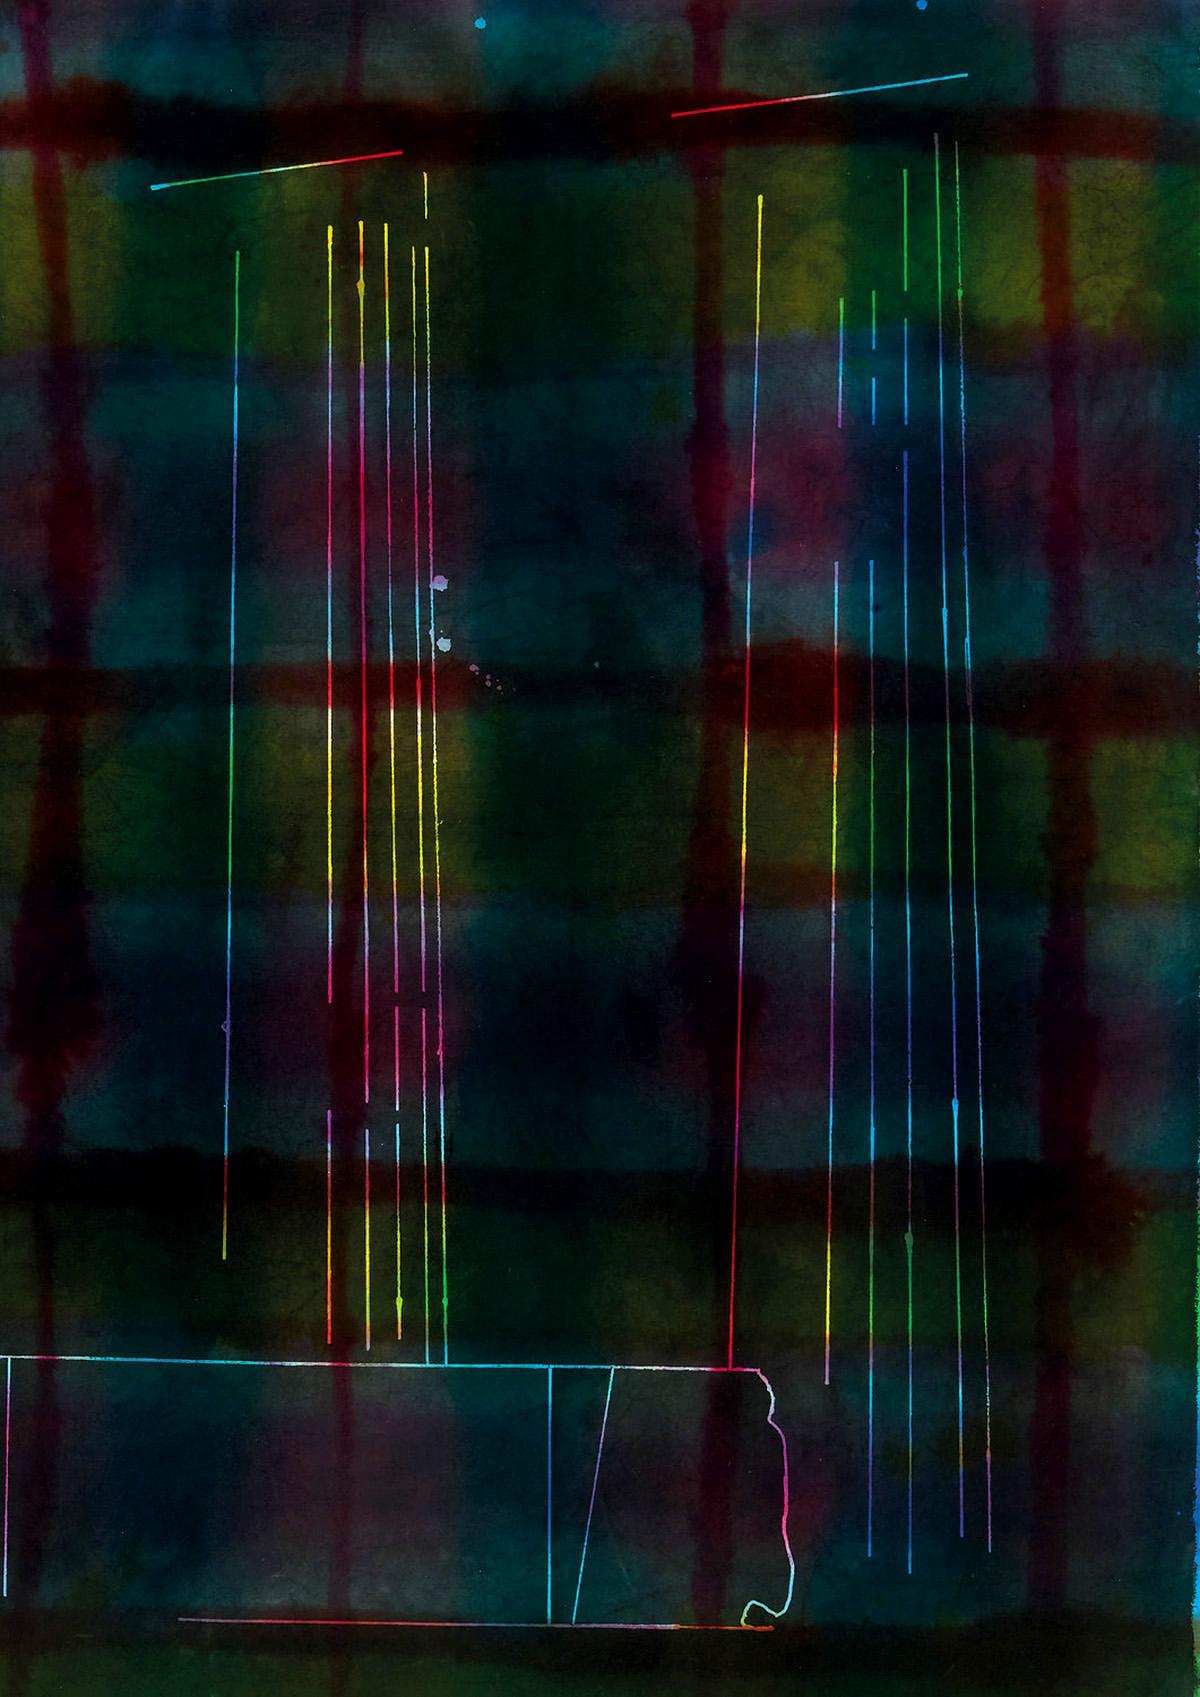 Eva Rothschild, 'Peak Times', installation (detail)